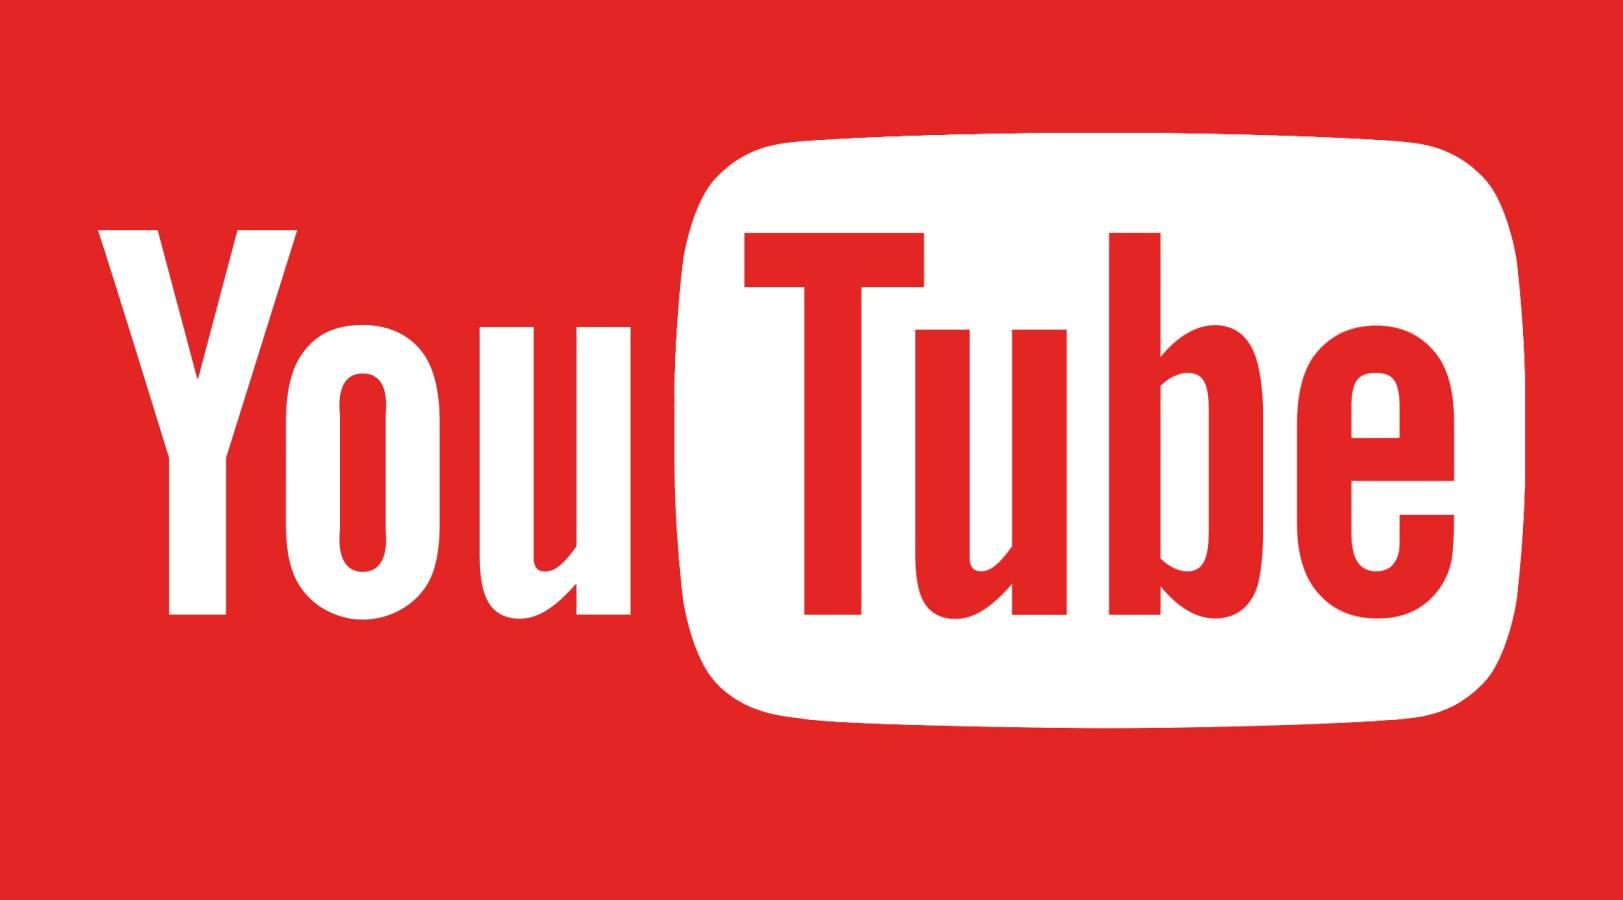 YouTube schimbari interfata